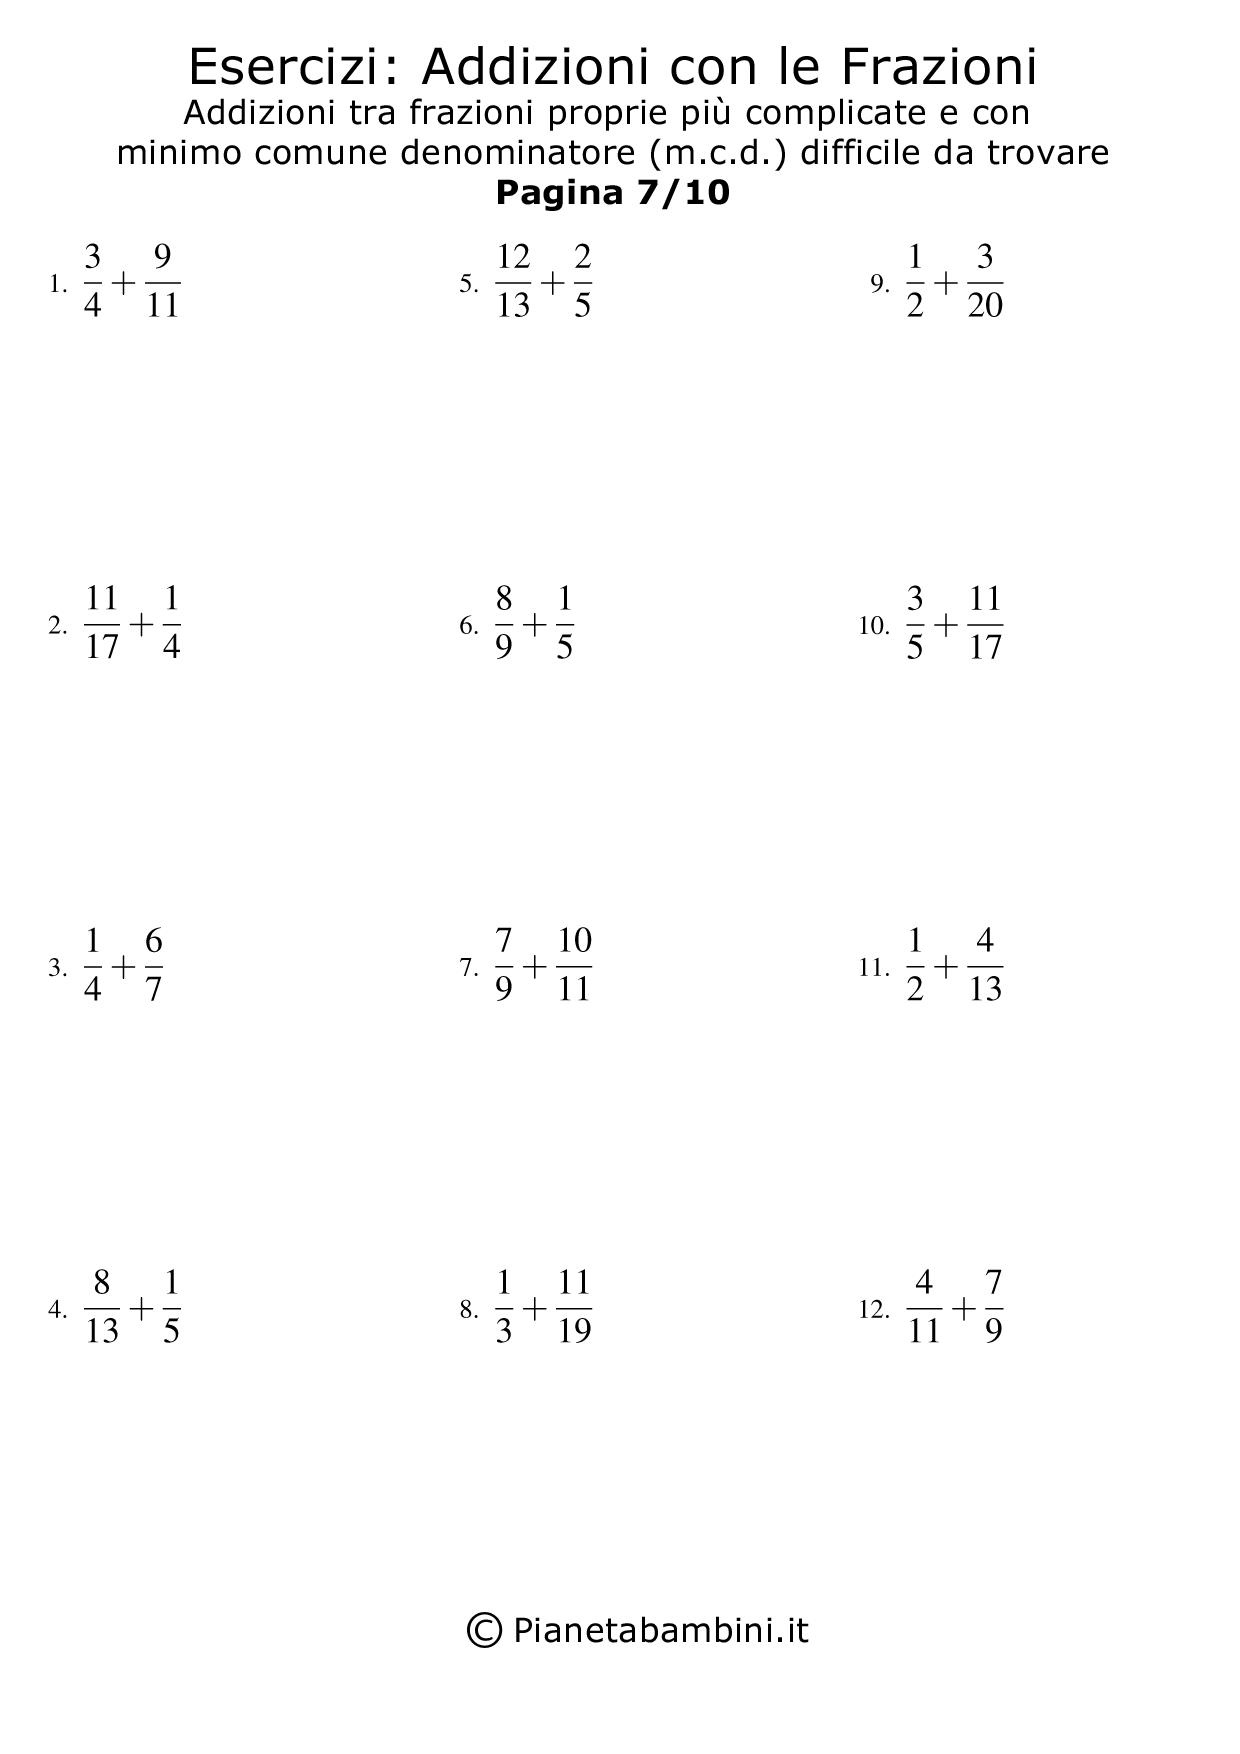 Frazioni-Difficili-m.c.d-difficile_07